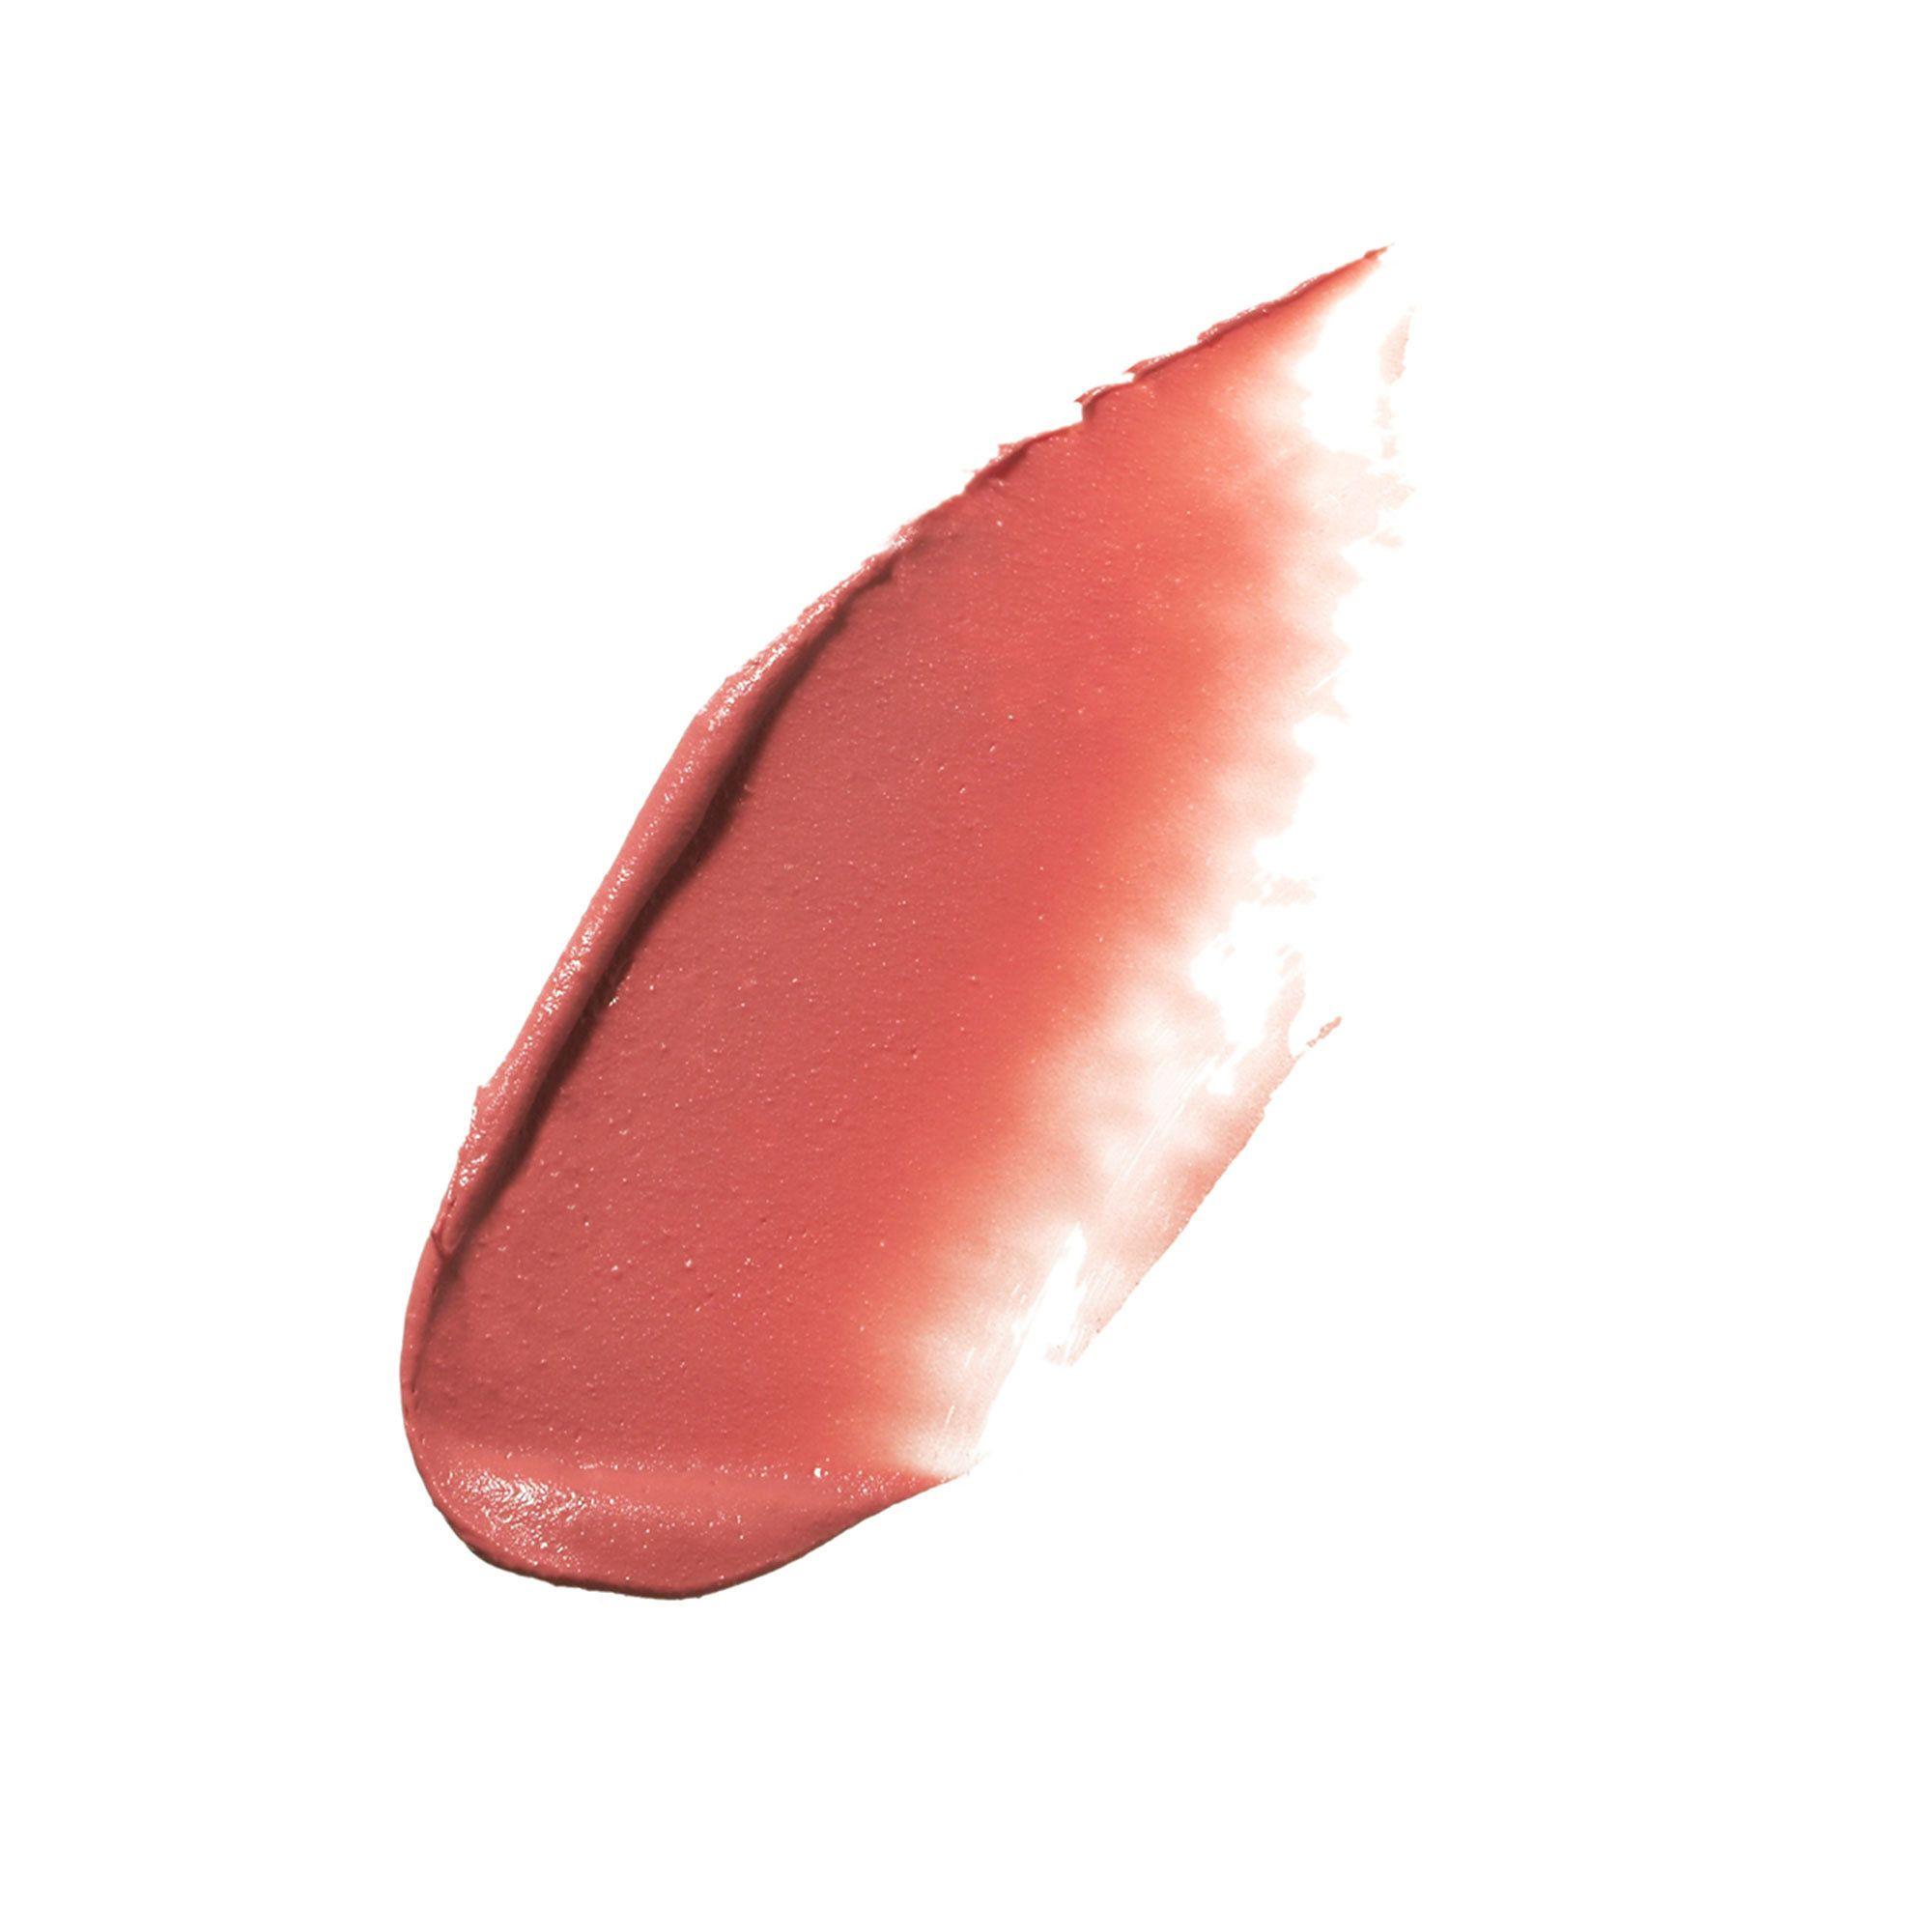 MultiStick Cheek & Lip ILIA Sephora in 2020 Sephora